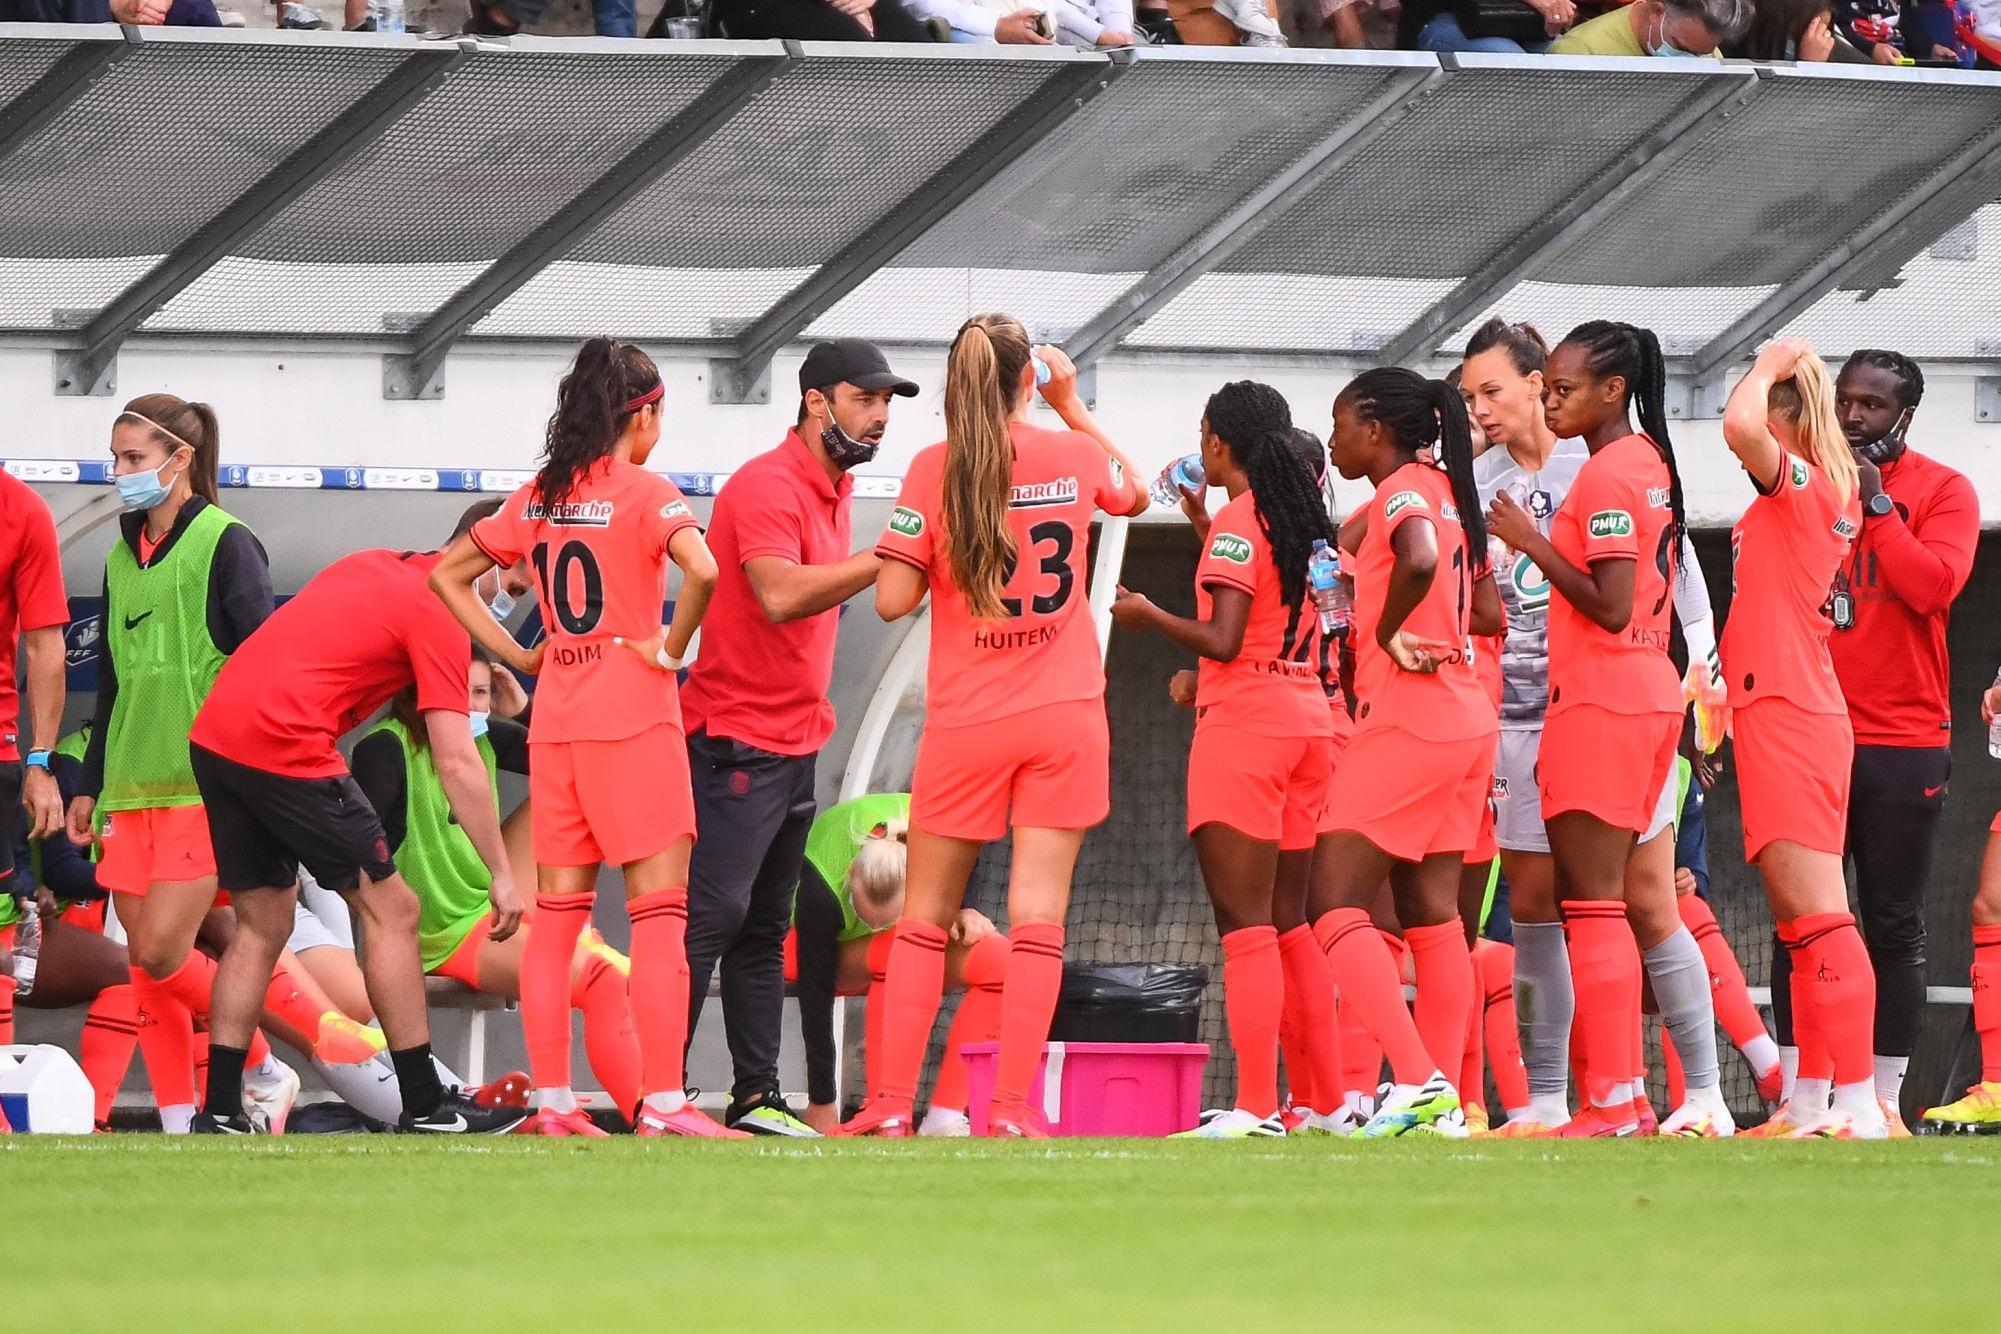 Le PSG renverse Bordeaux et se qualifie en finale de la Coupe de France féminine